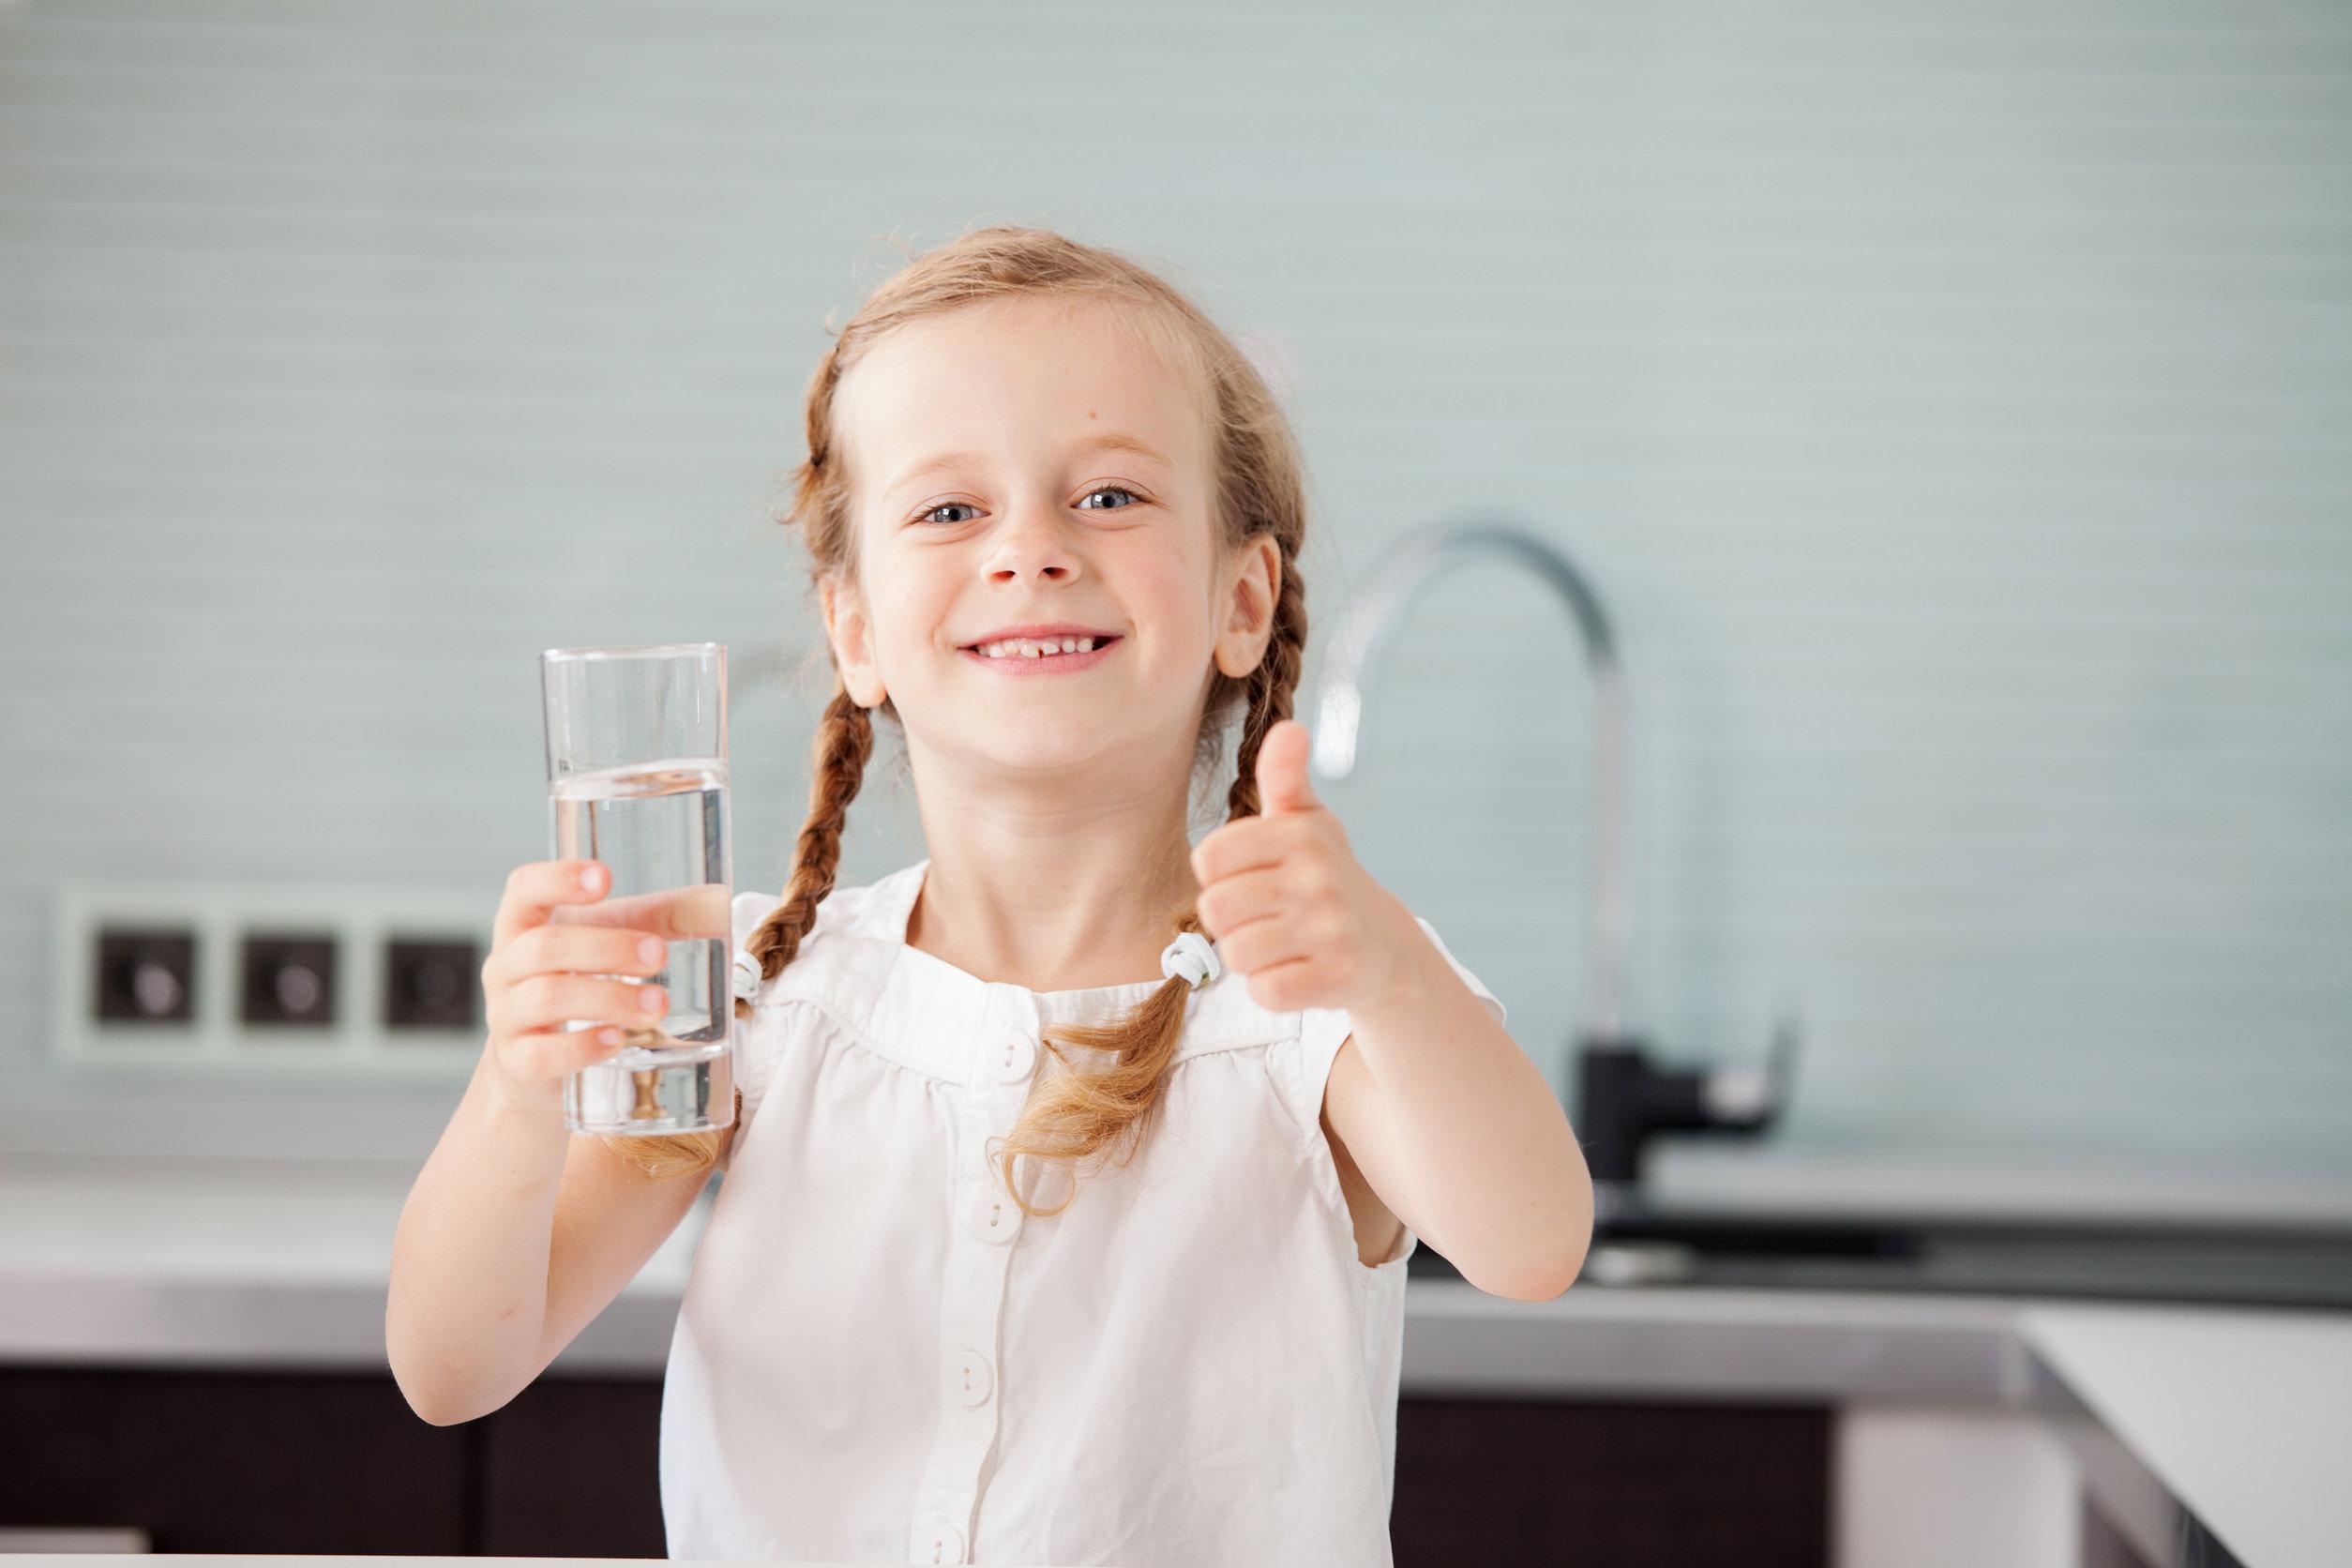 Hogyan vegyük rá a gyerekeket a rendszeres vízfogyasztásra?